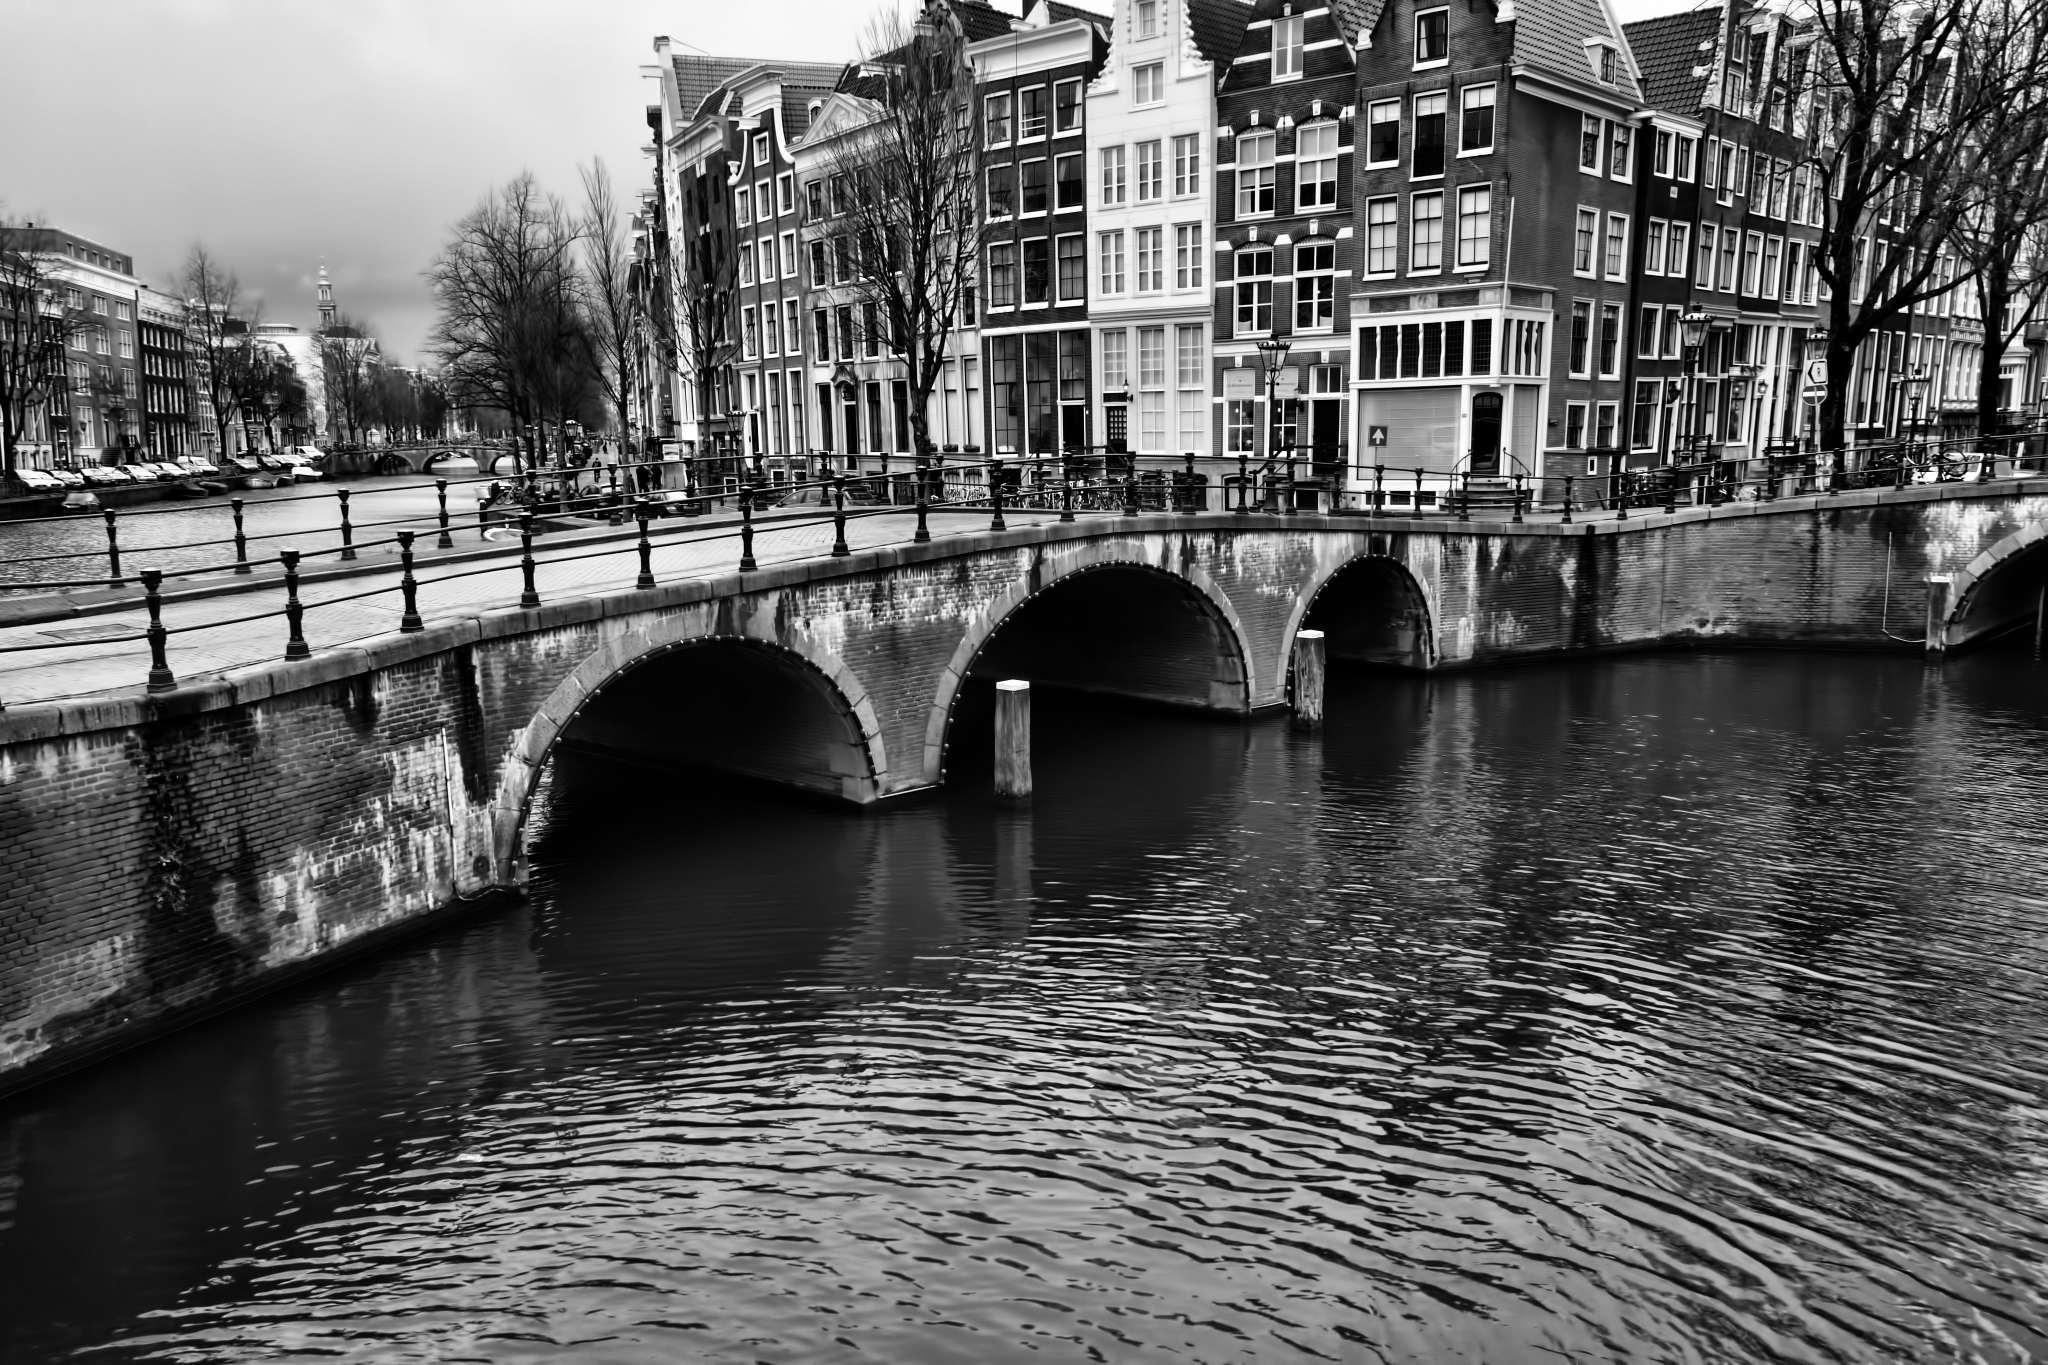 Bridge over canals